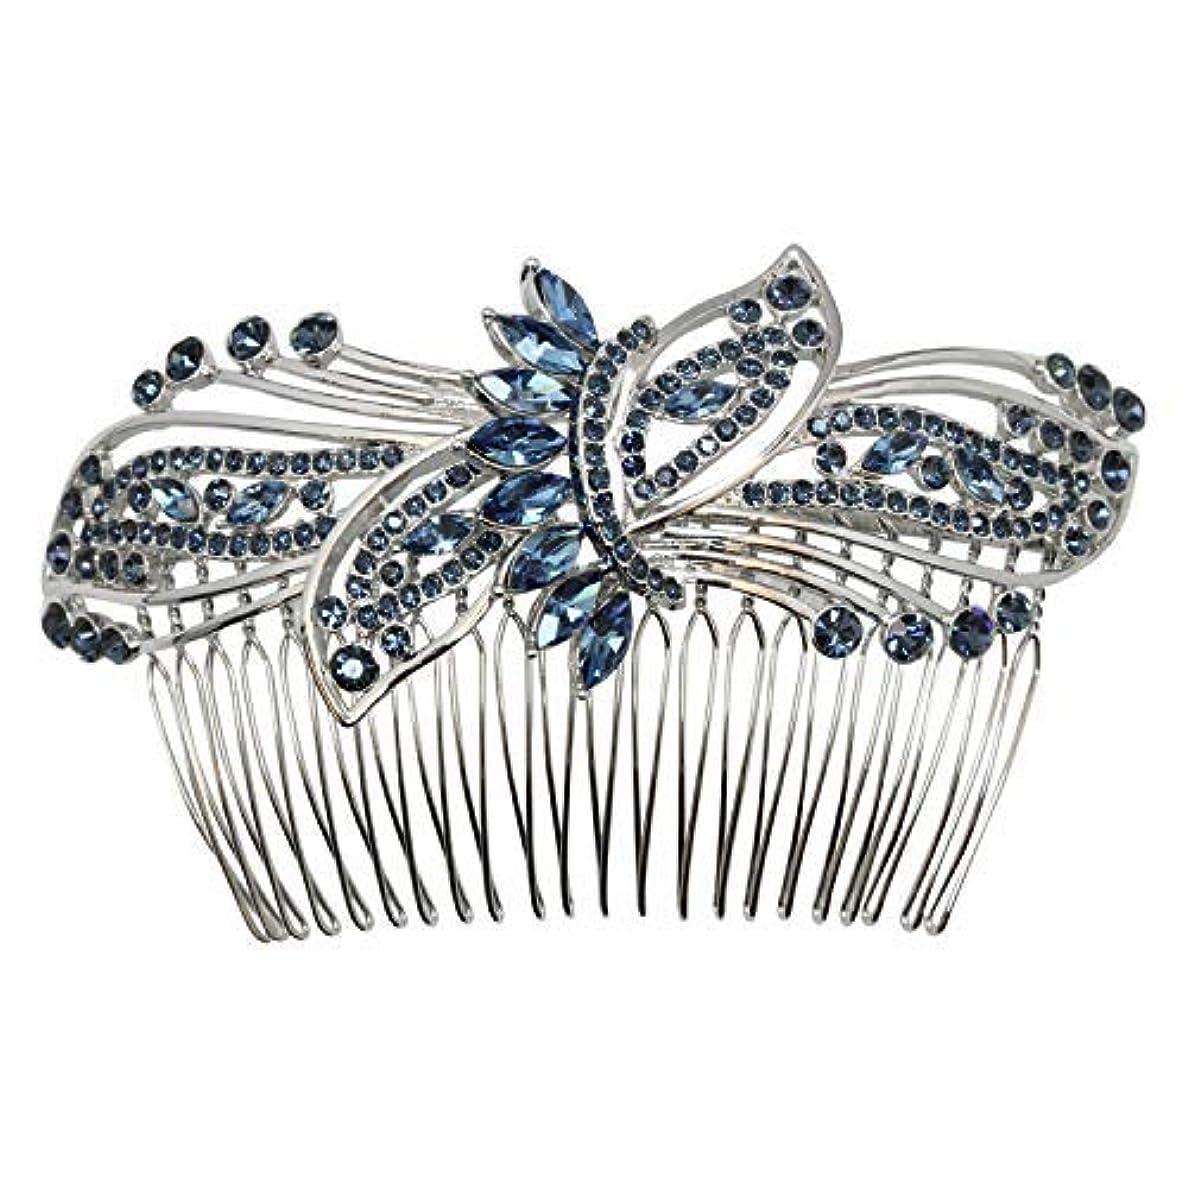 バレーボールヒステリックさまようFaship Gorgeous Navy Blue Rhinestone Crystal Huge Floral Hair Comb [並行輸入品]